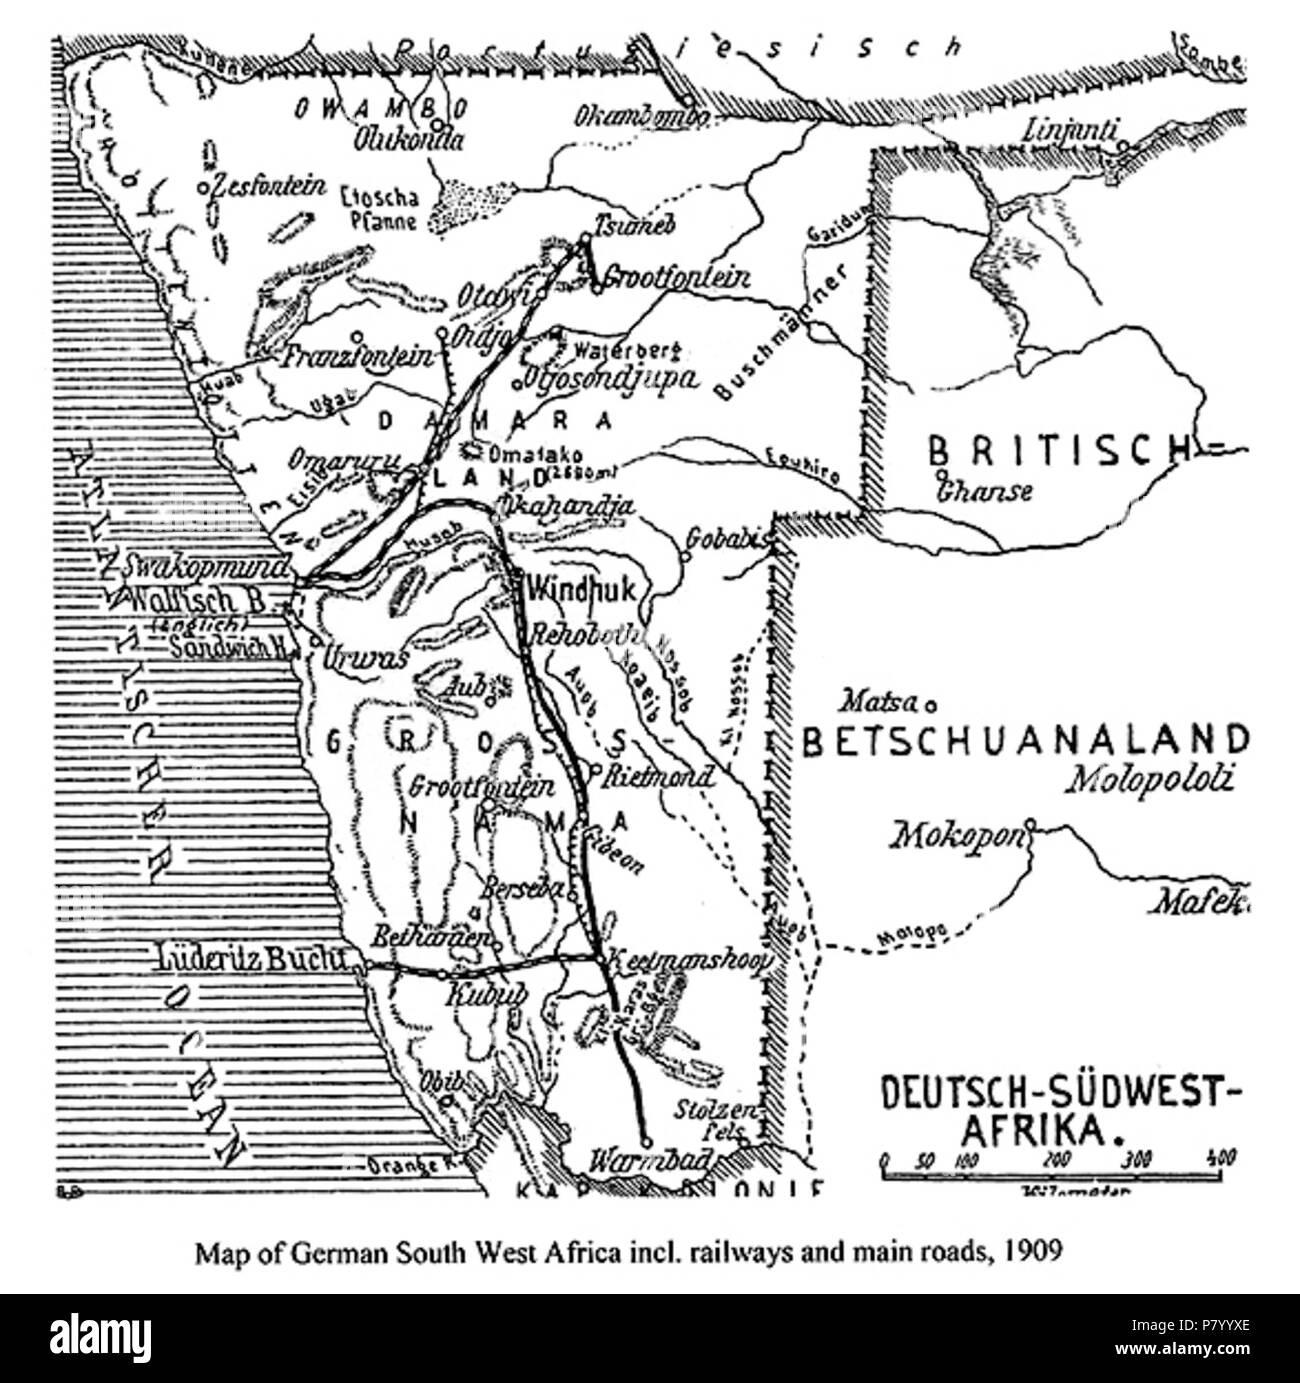 Carte Afrique Du Sud Ouest.Anglais Carte De L Afrique Du Sud Ouest Allemand Aujourd Hui